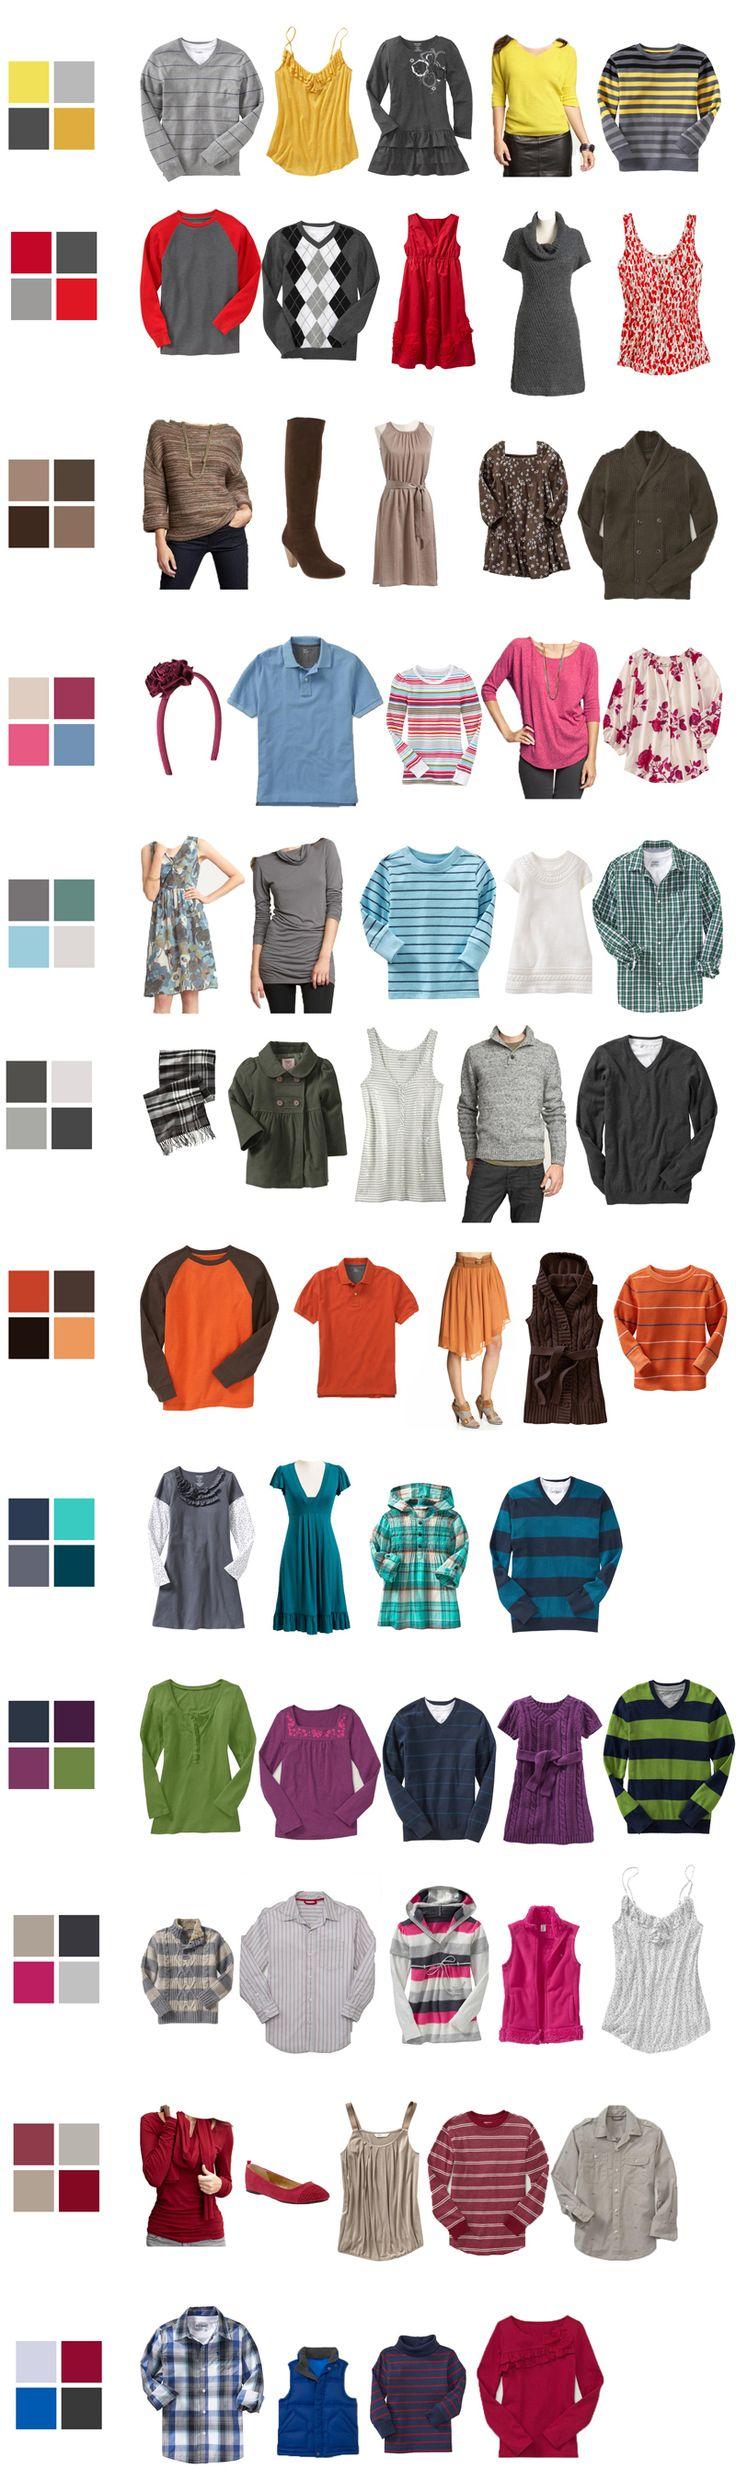 inspiración para uso del color, atuendos para sesion de fotos